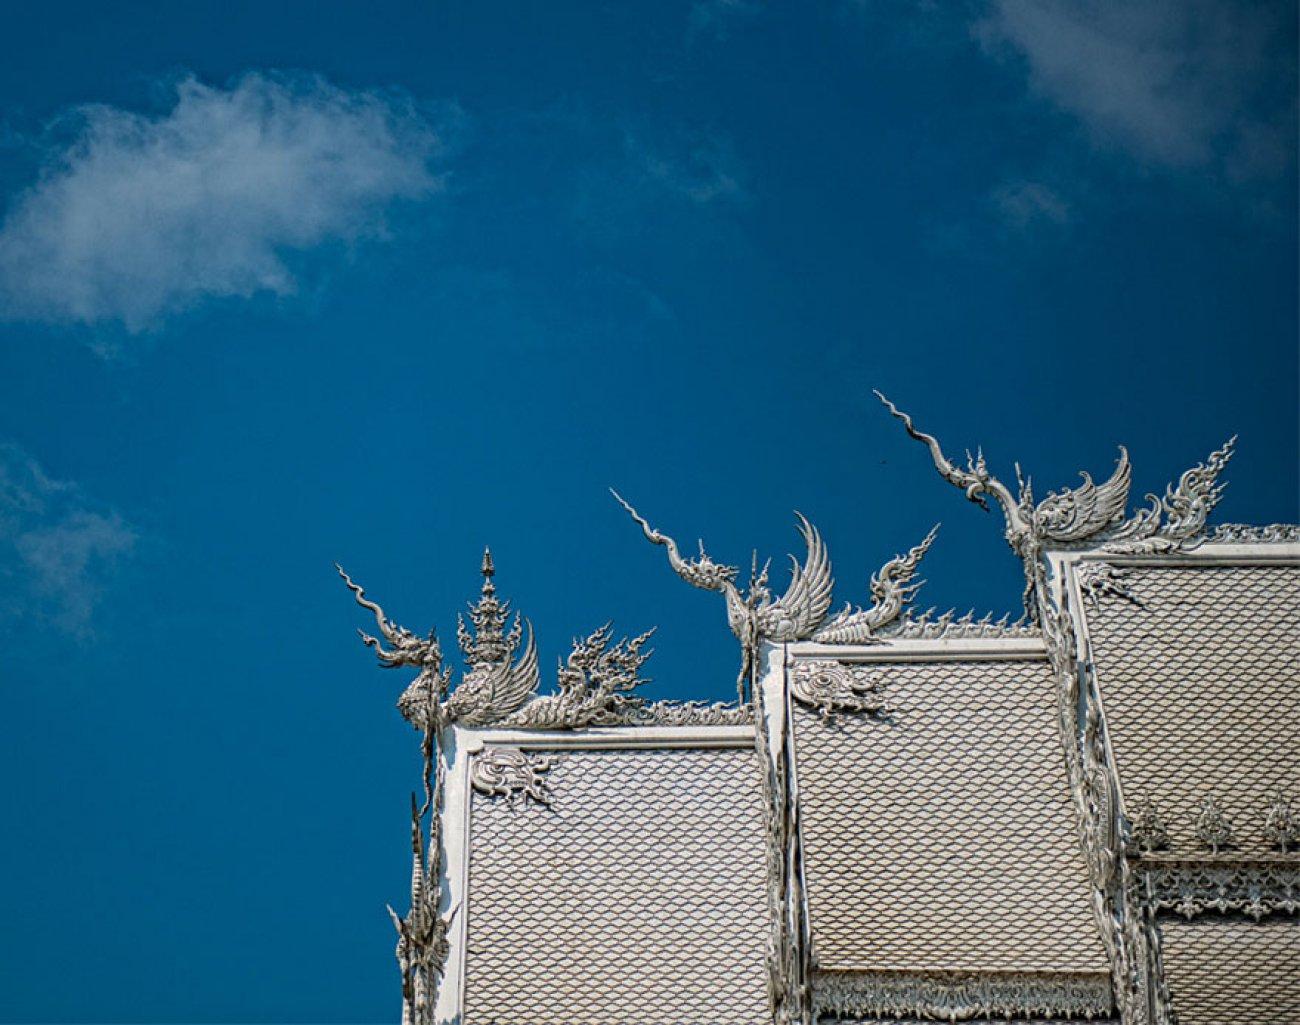 ce-temple-bouddhiste-de-thailande-est-d-une-beaute-epoustouflante-06